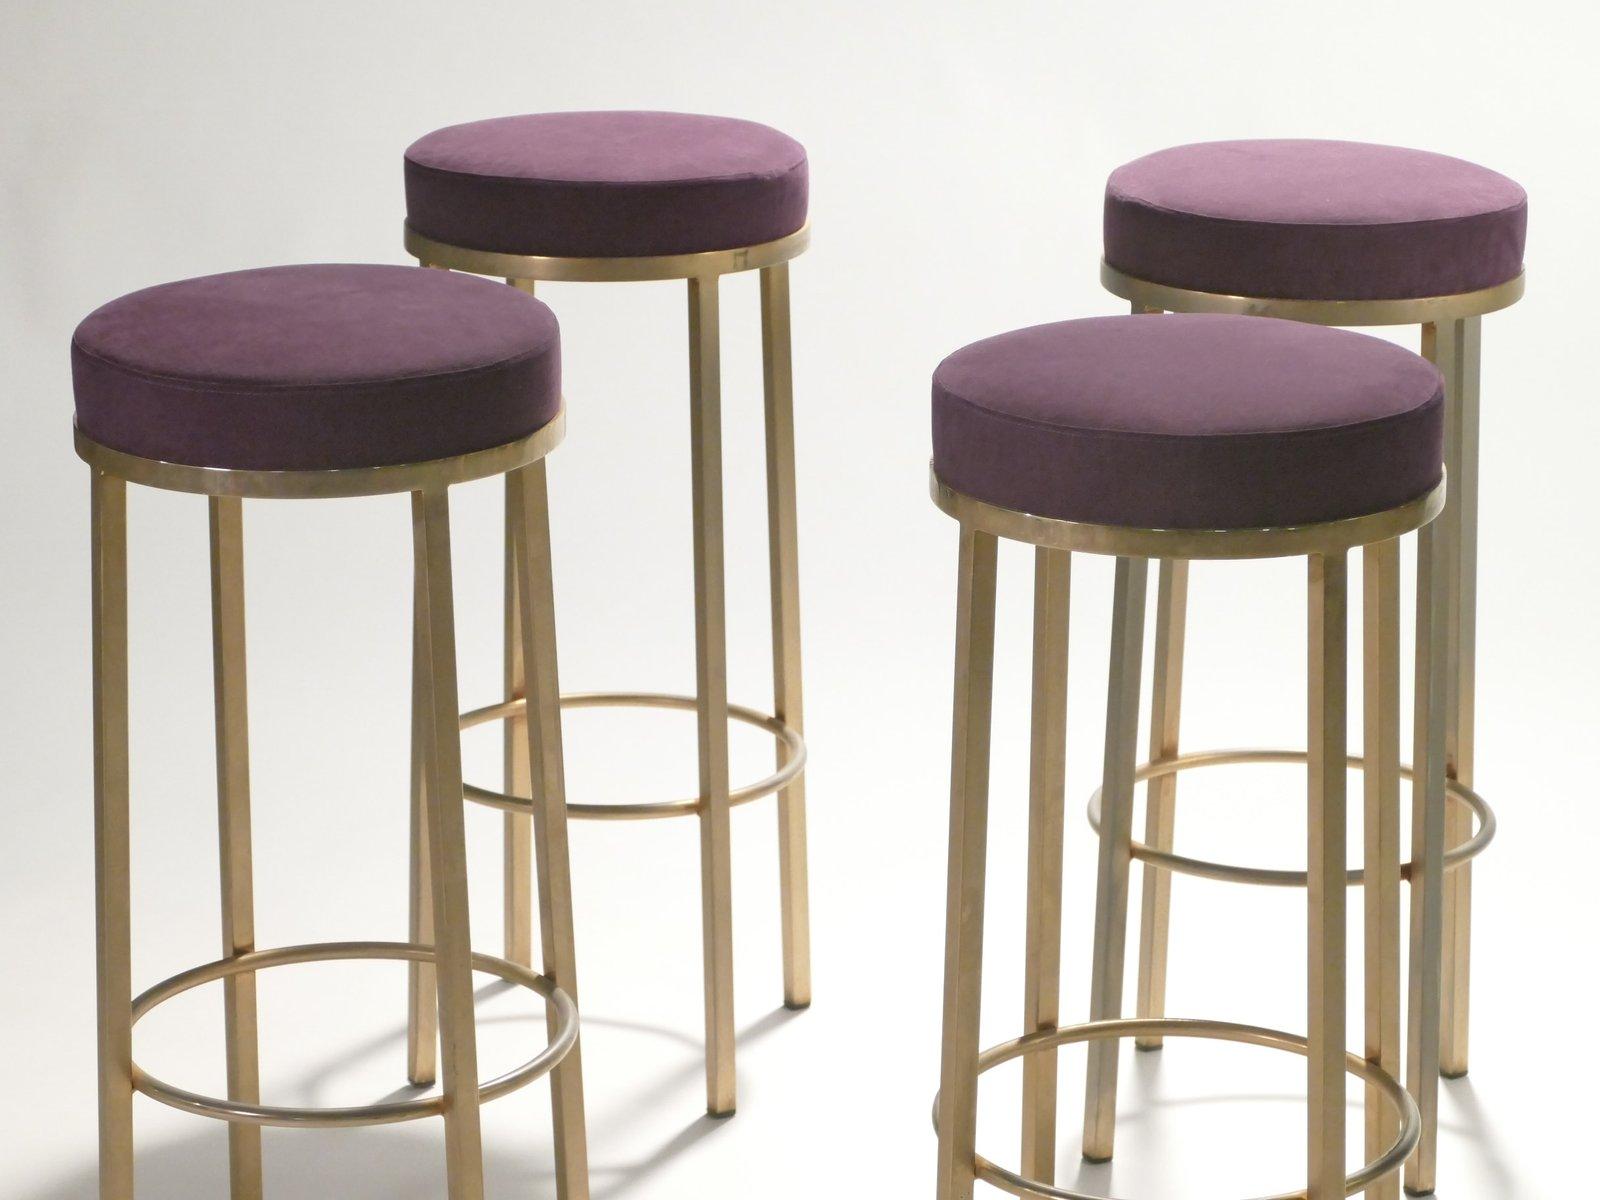 Sgabelli in ottone di maison romeo set di in vendita su pamono